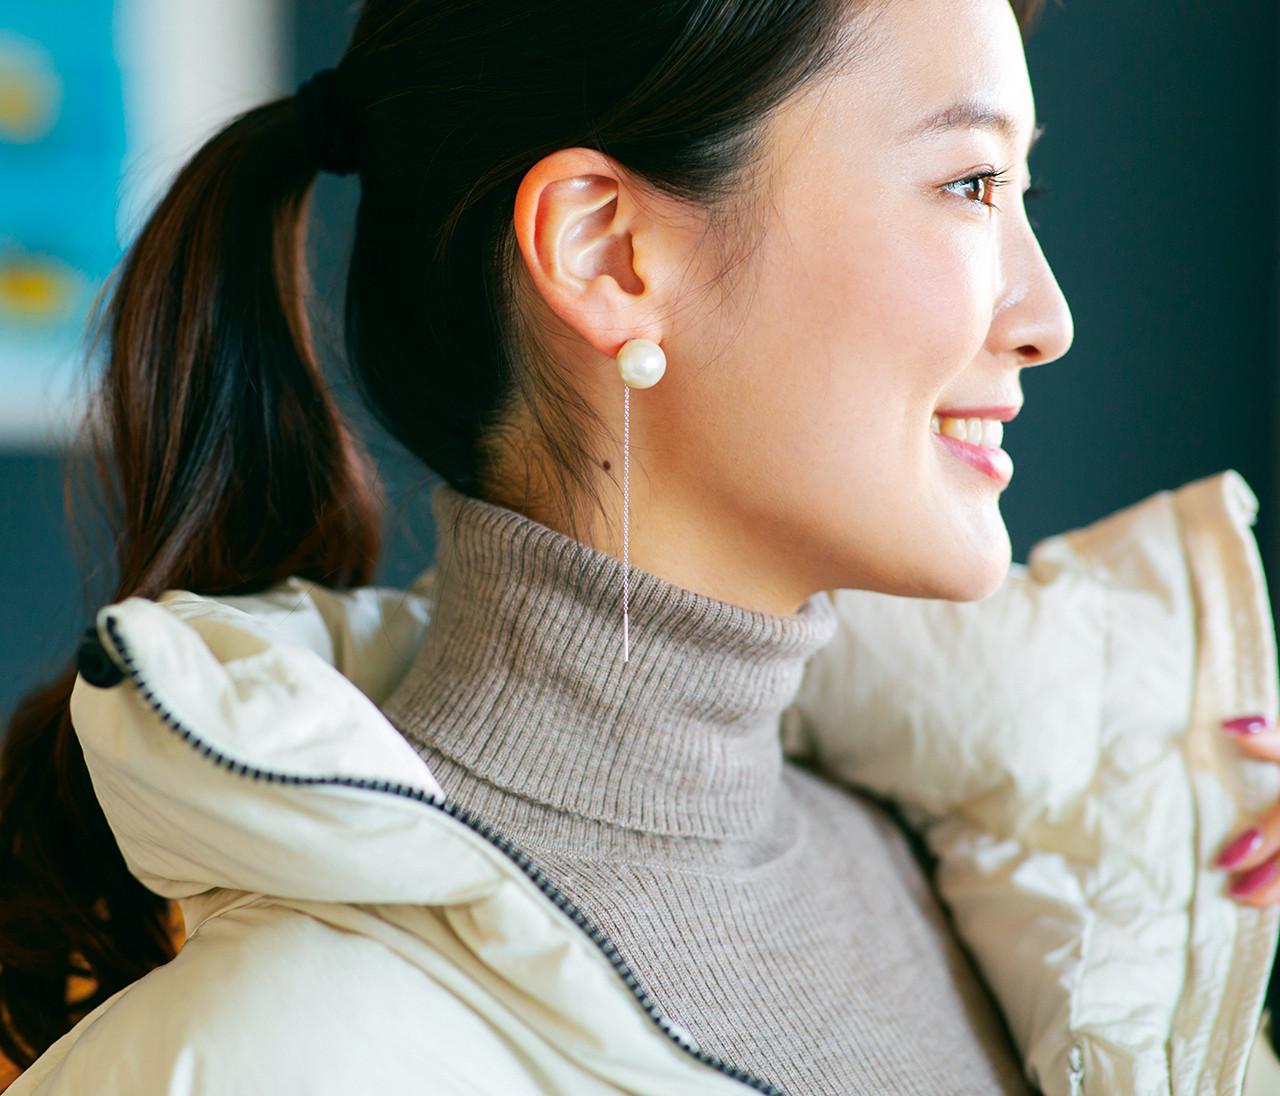 30代おしゃれ読モのイヤカフ&ピアス事情【スーパーバイラーズLive,Love,Life】